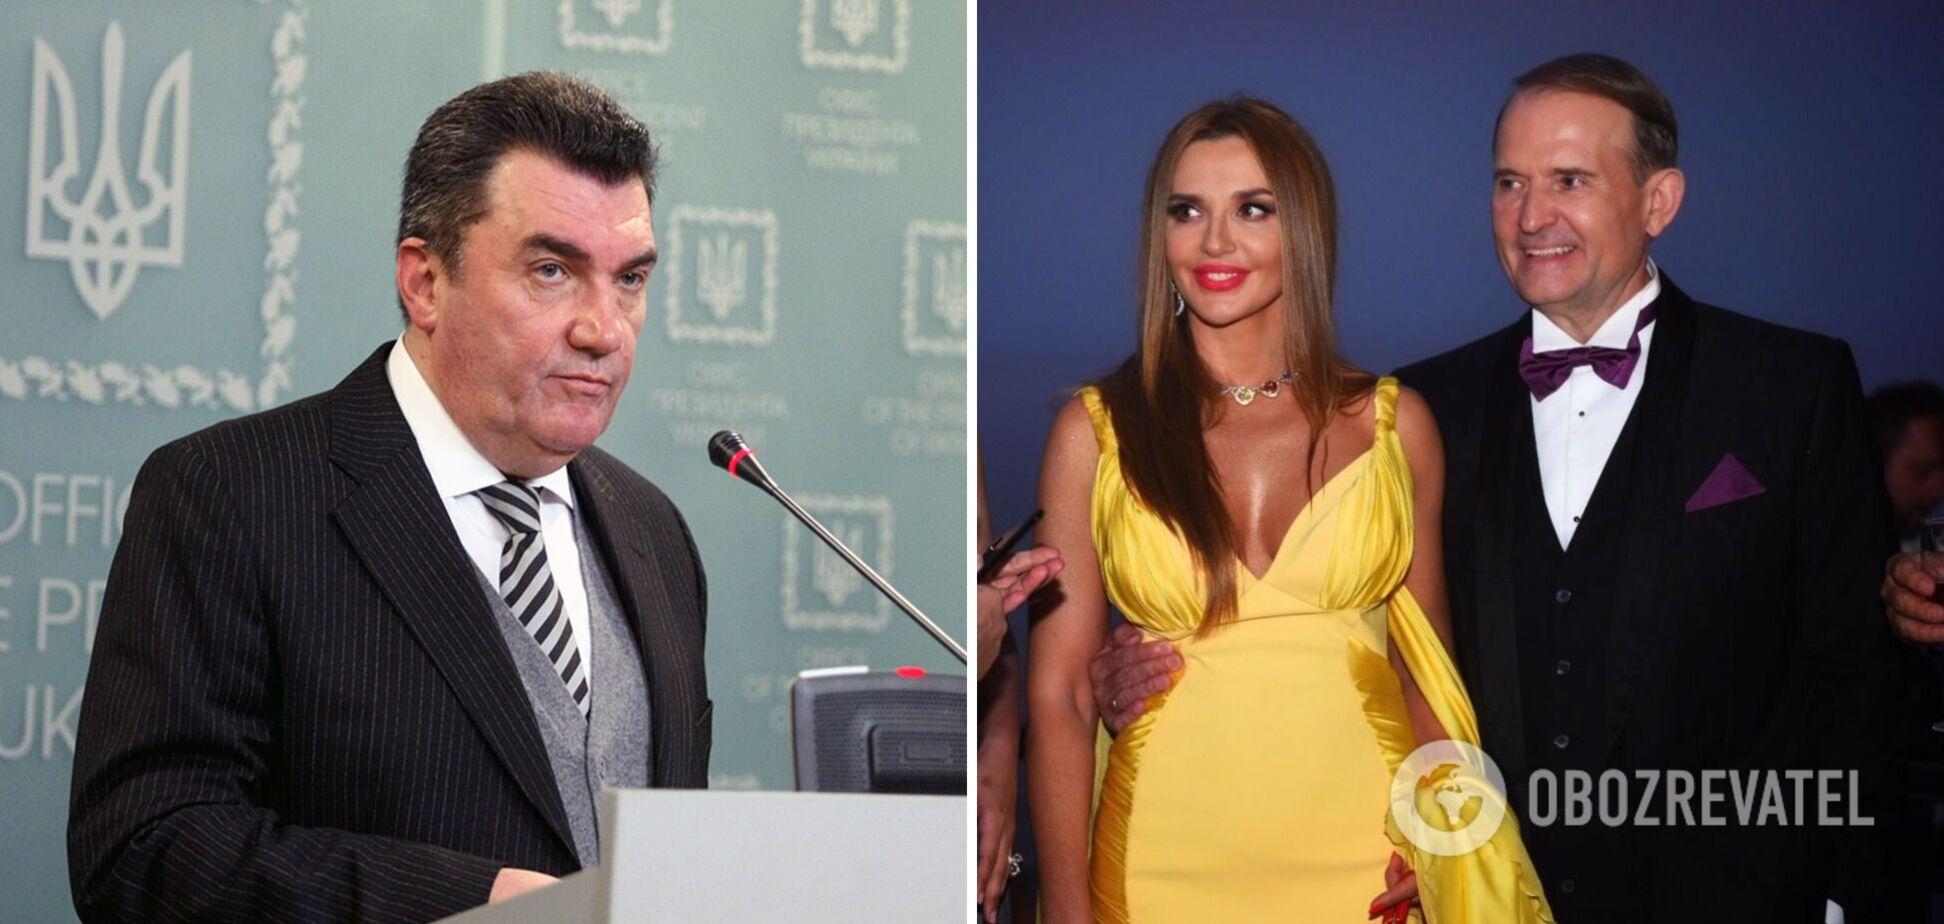 Данилов раскрыл детали введения санкций против Медведчука и Марченко